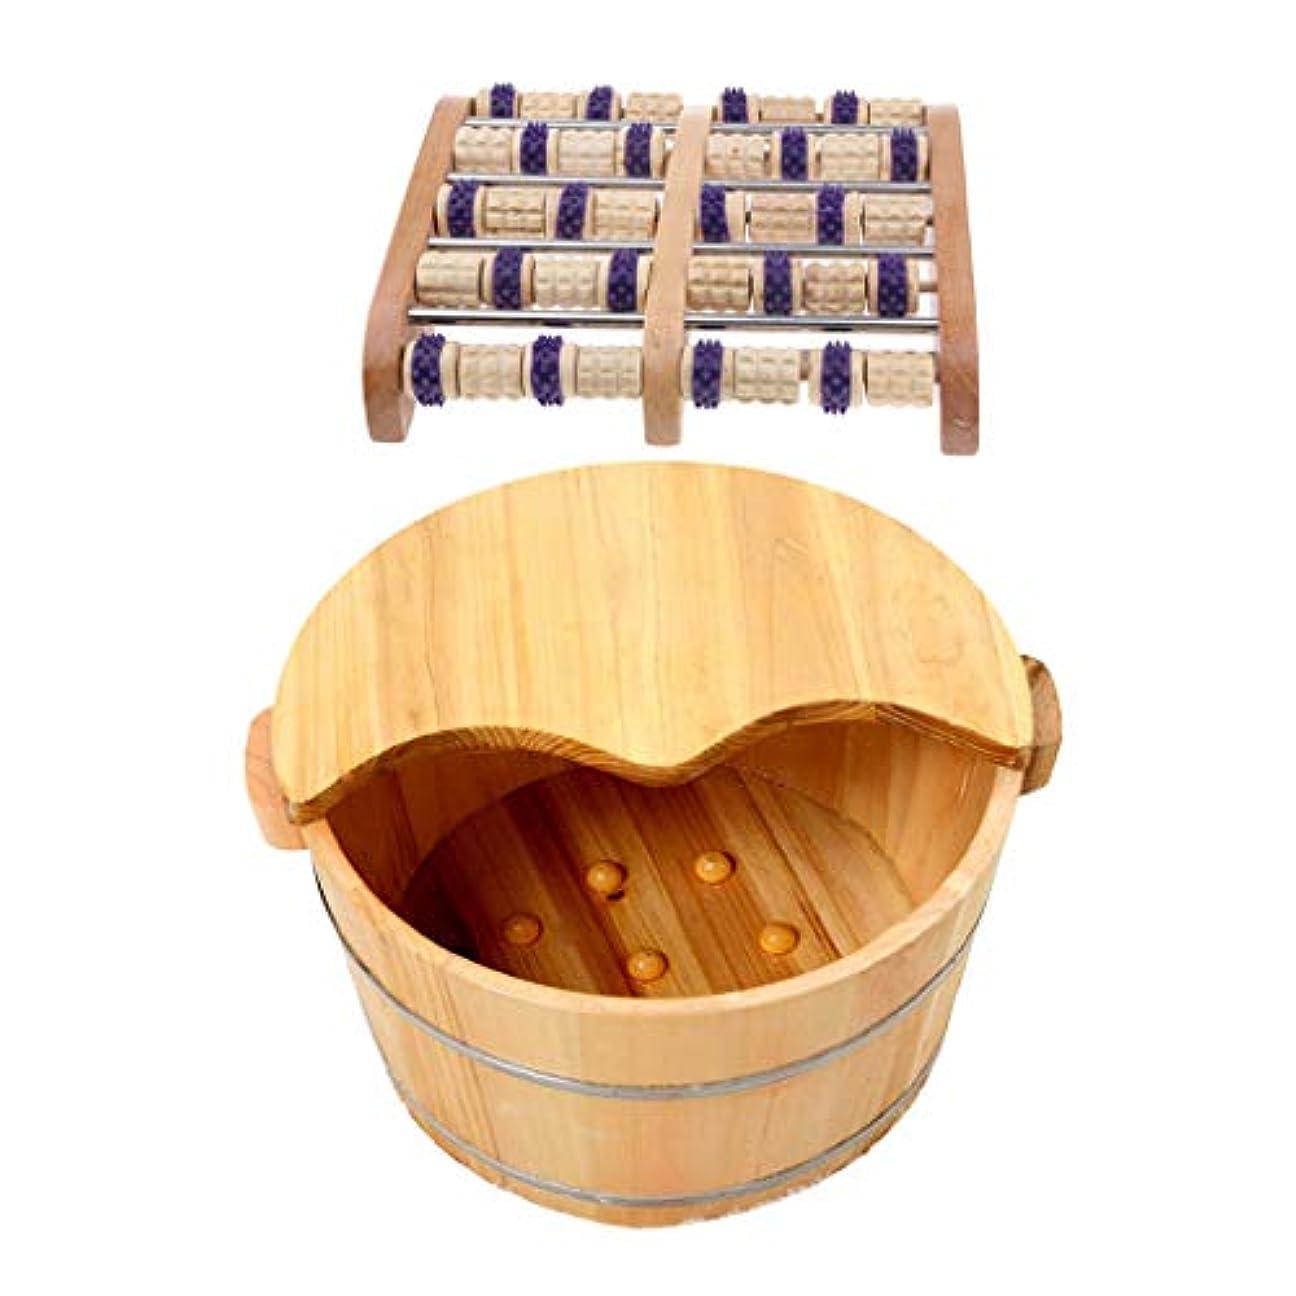 クラックポット取り扱いビザFenteer 足つぼマッサージ 手作りウッドマッサー フット ローラー 足裏刺激 血行促進 木製の足の洗面台付き